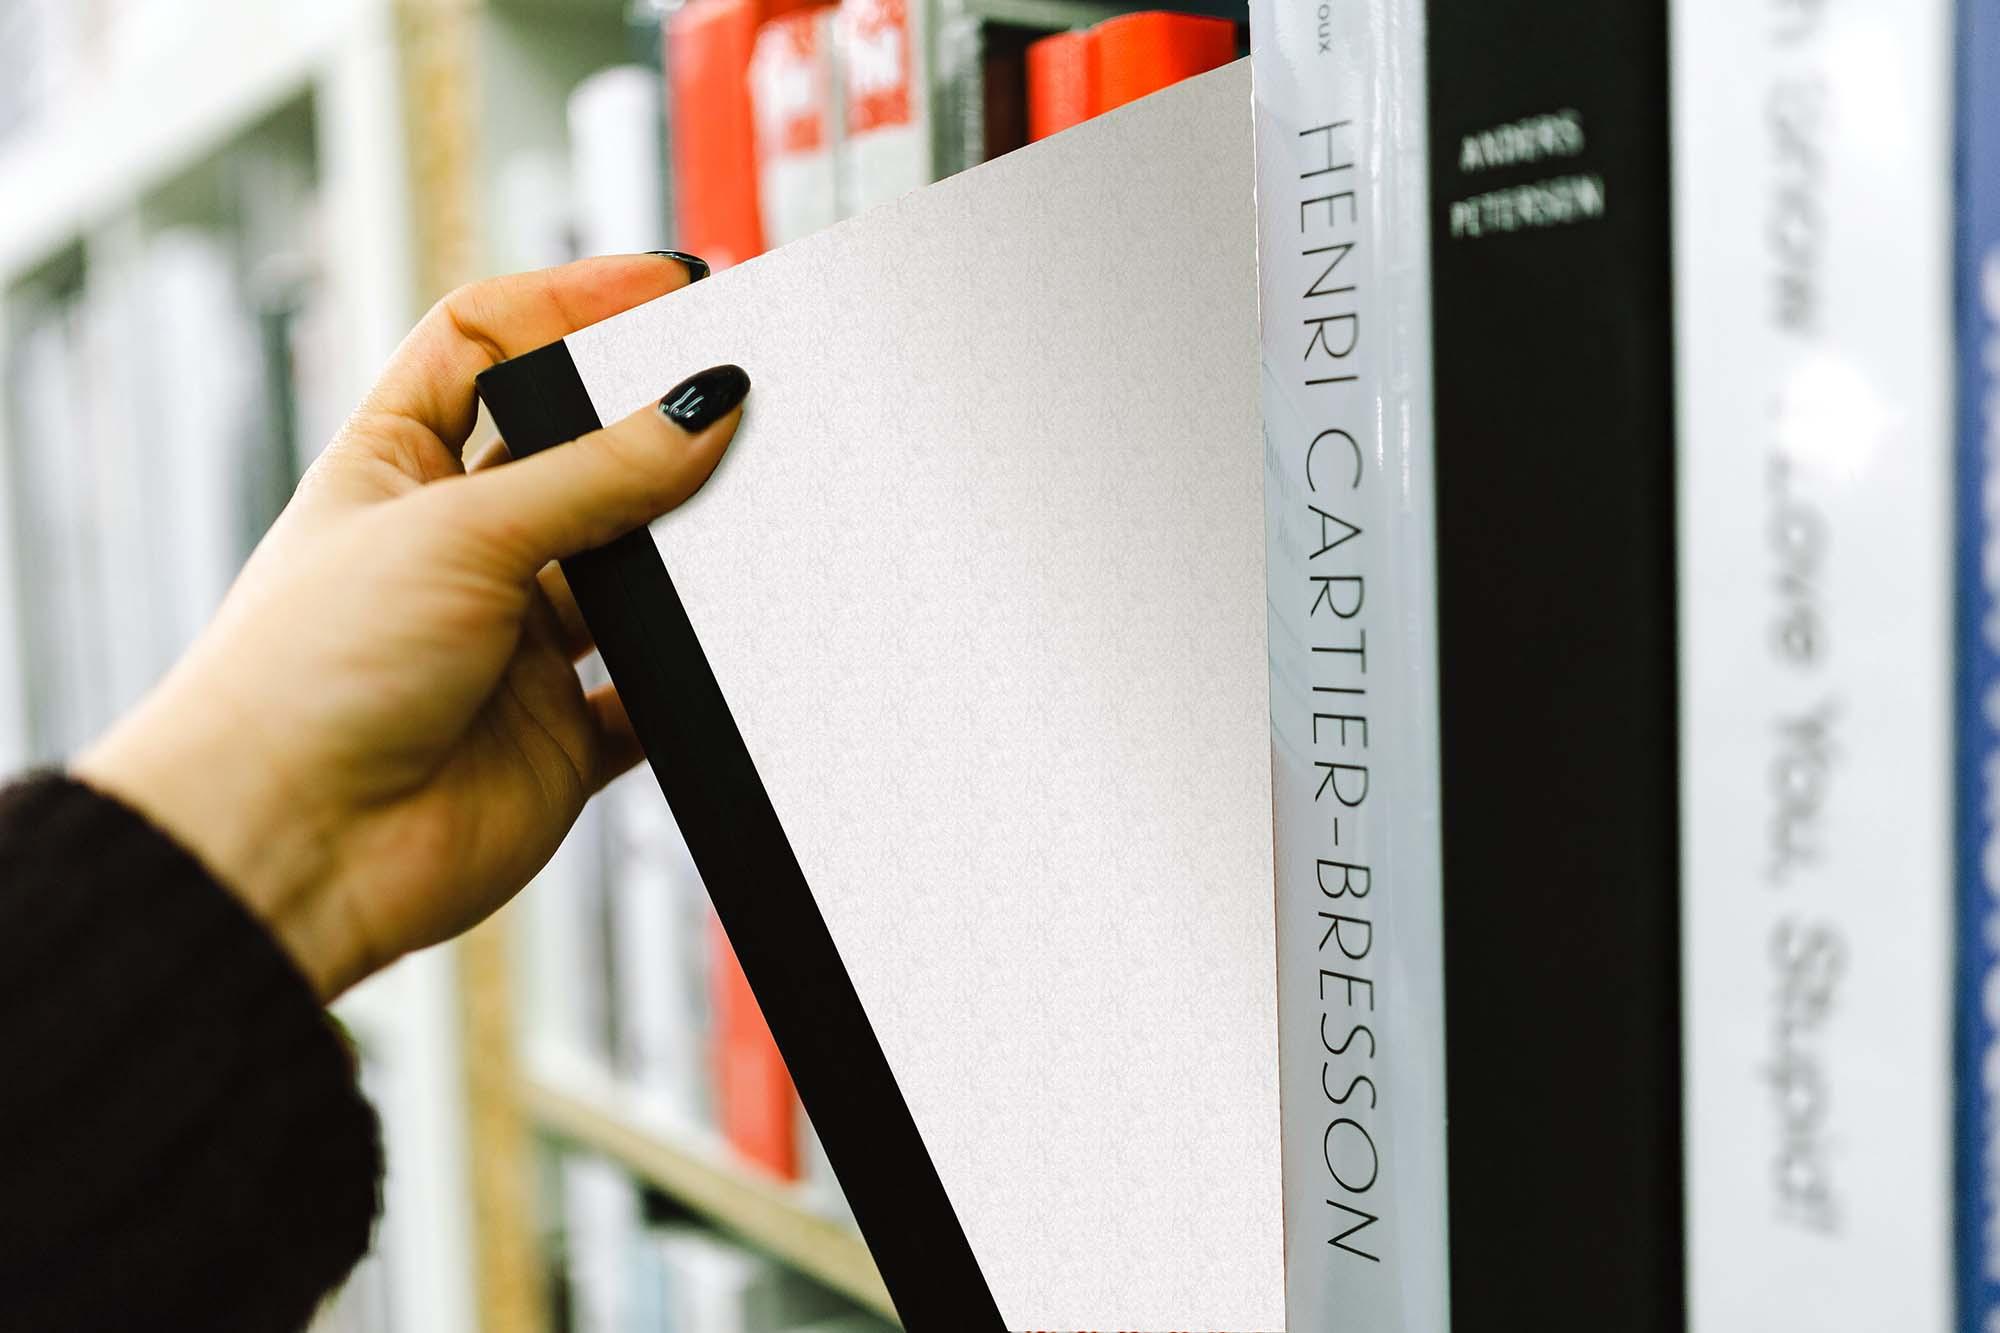 Book on Shelf Mockup 2